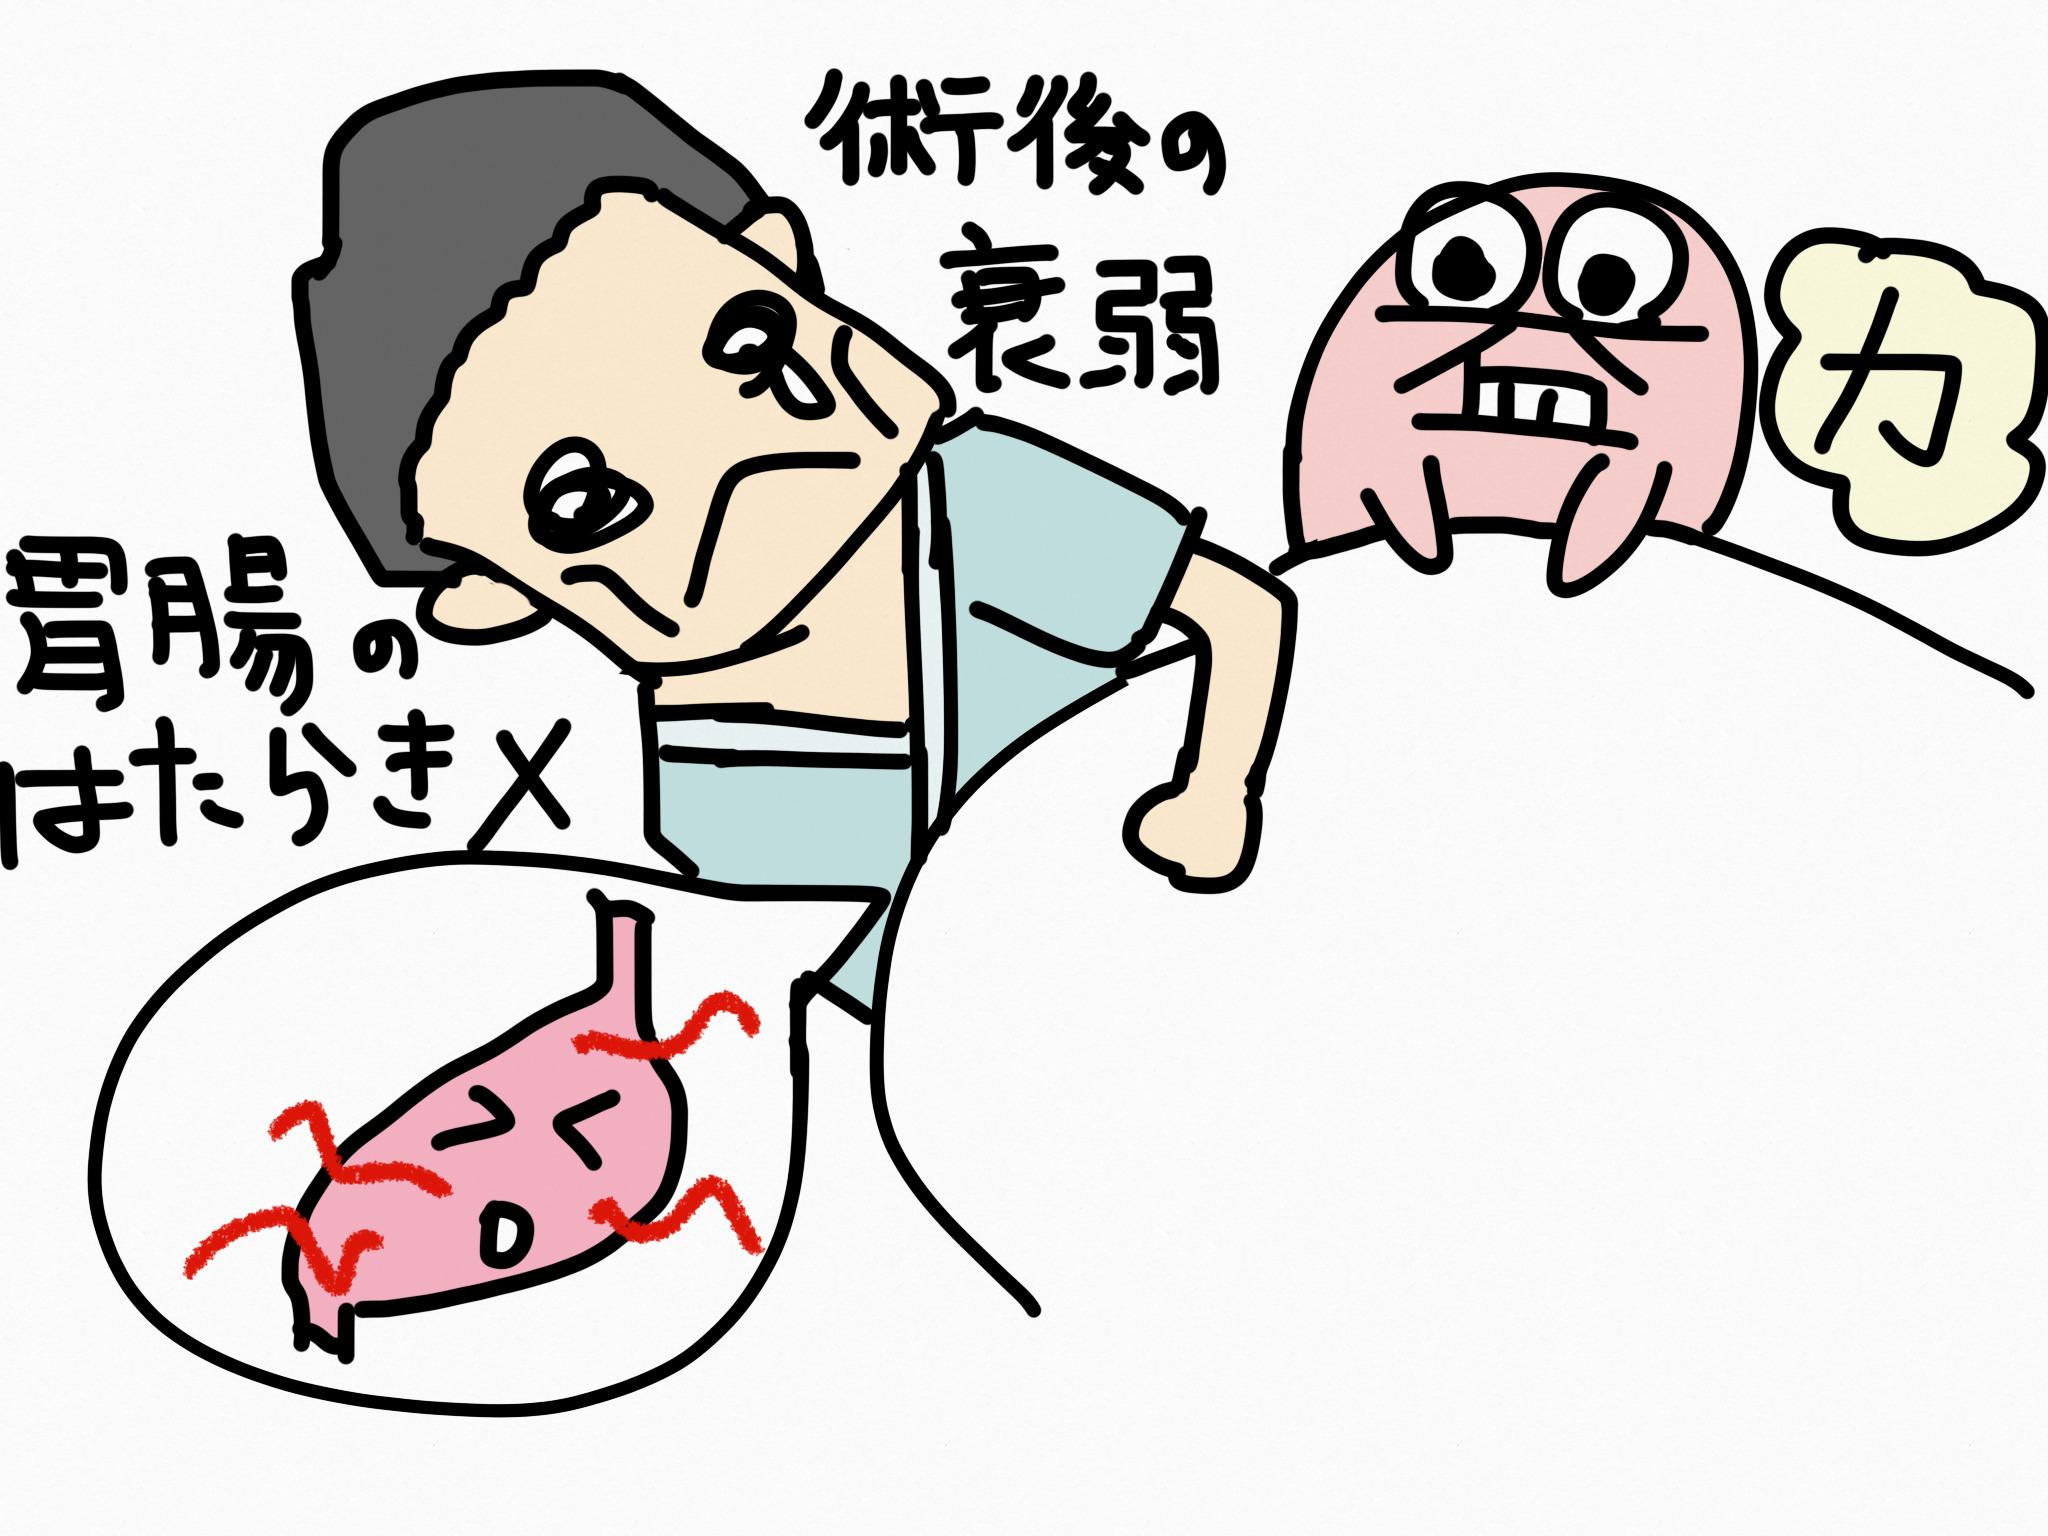 補中益気湯(ほちゅうえっきとう)[滋養強壮]【漢方の覚え方】